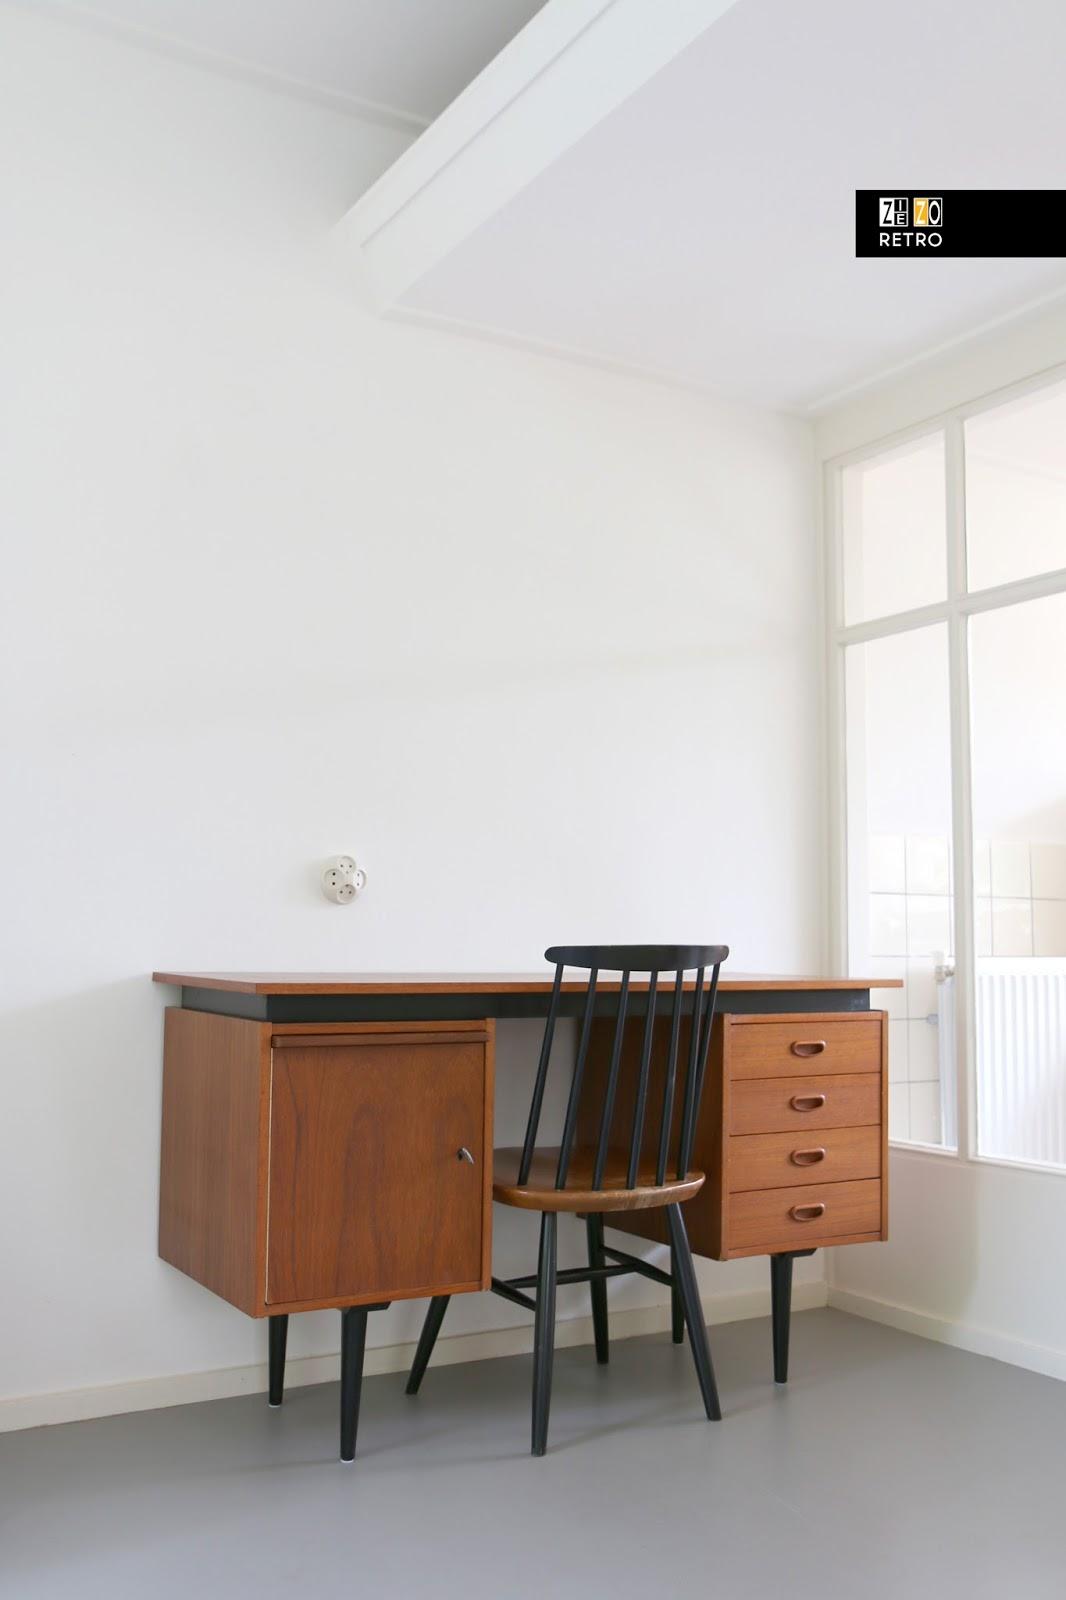 bureau jaren 50 60 waarschijnlijk pastoe. Black Bedroom Furniture Sets. Home Design Ideas